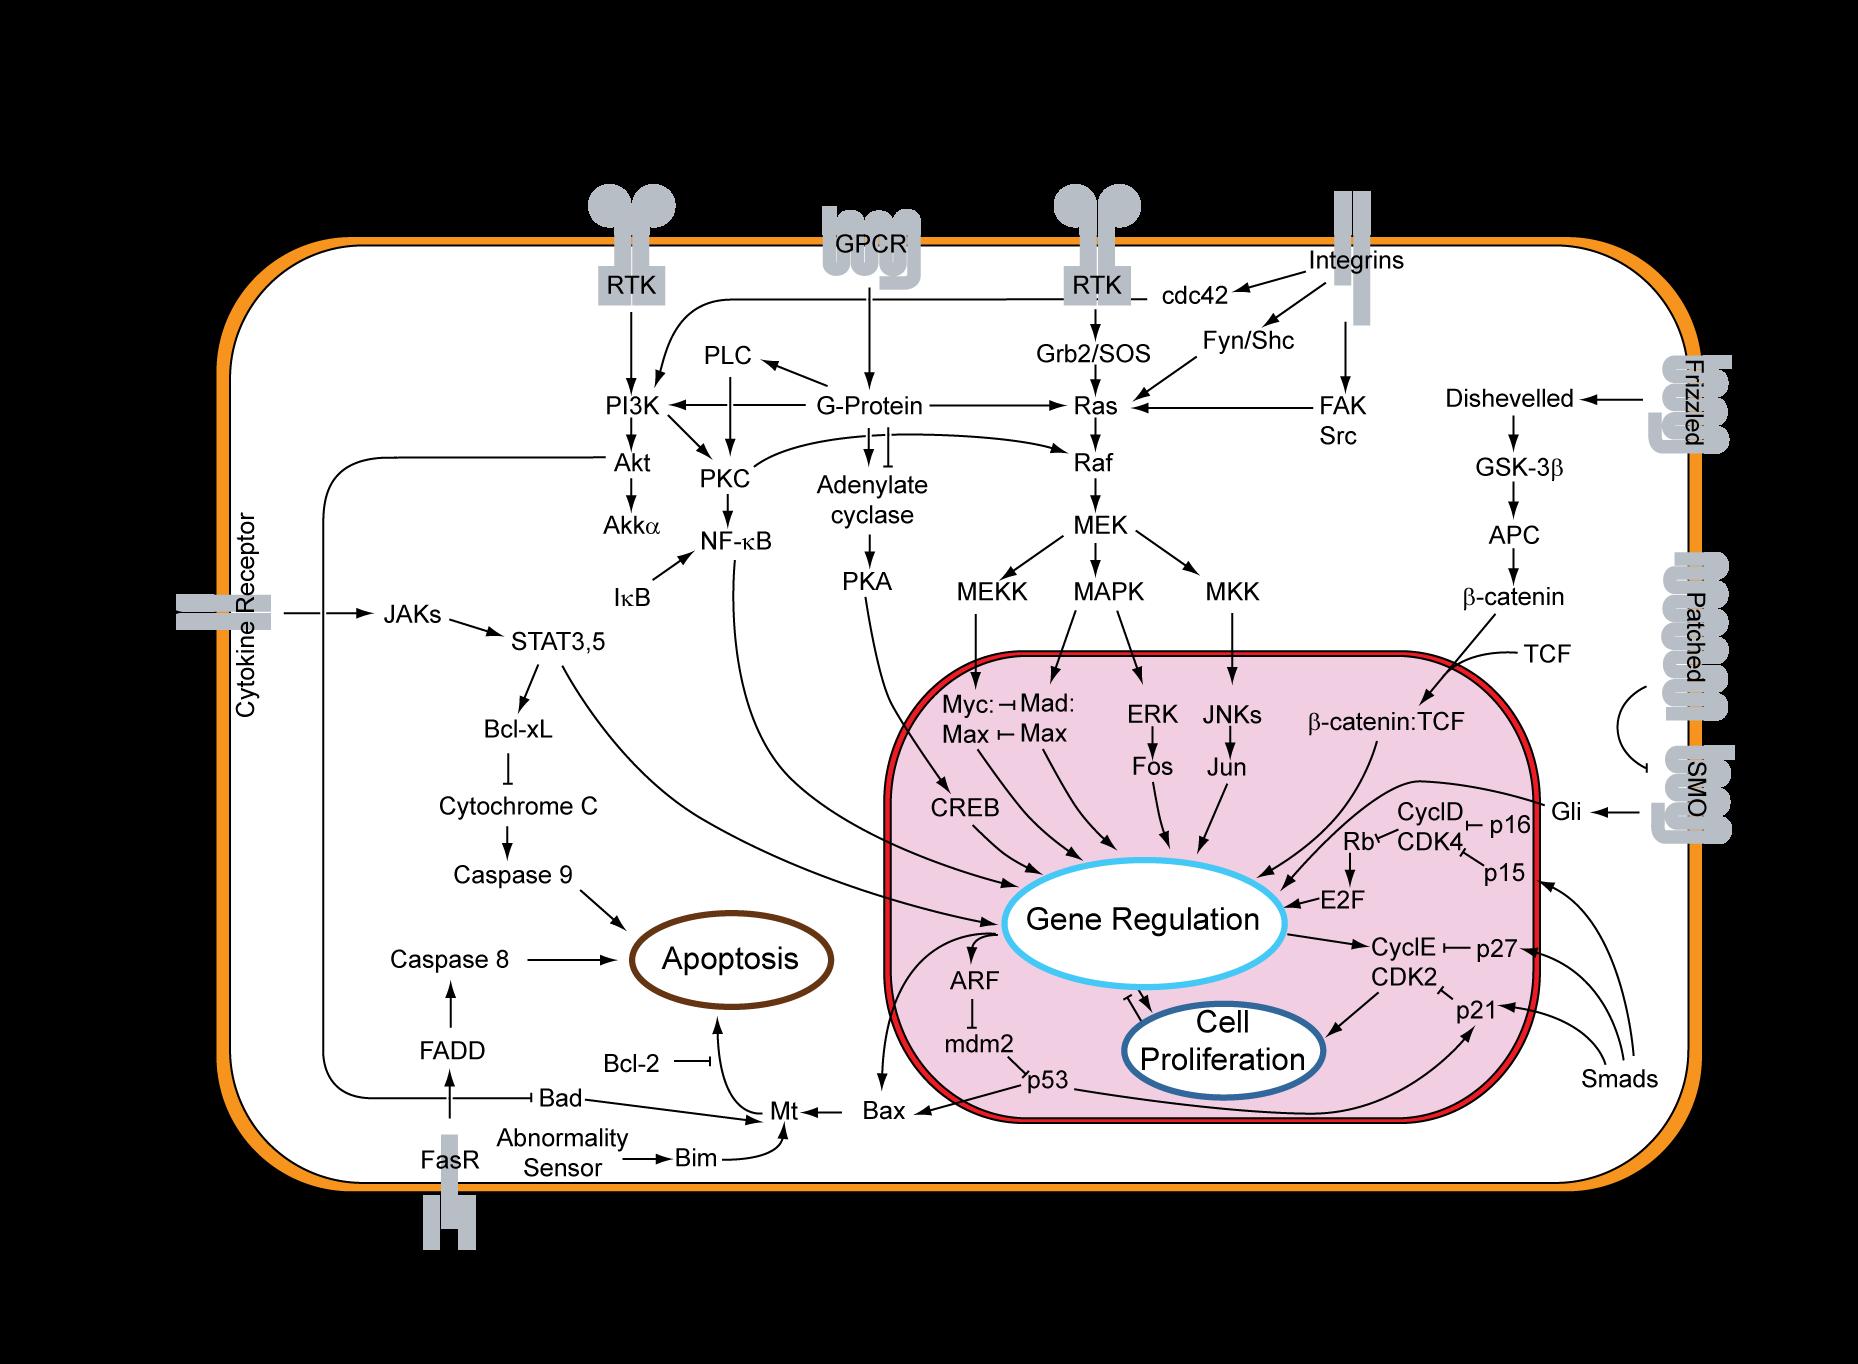 Esquema de todos los patrones de señalización intracelular conocidos